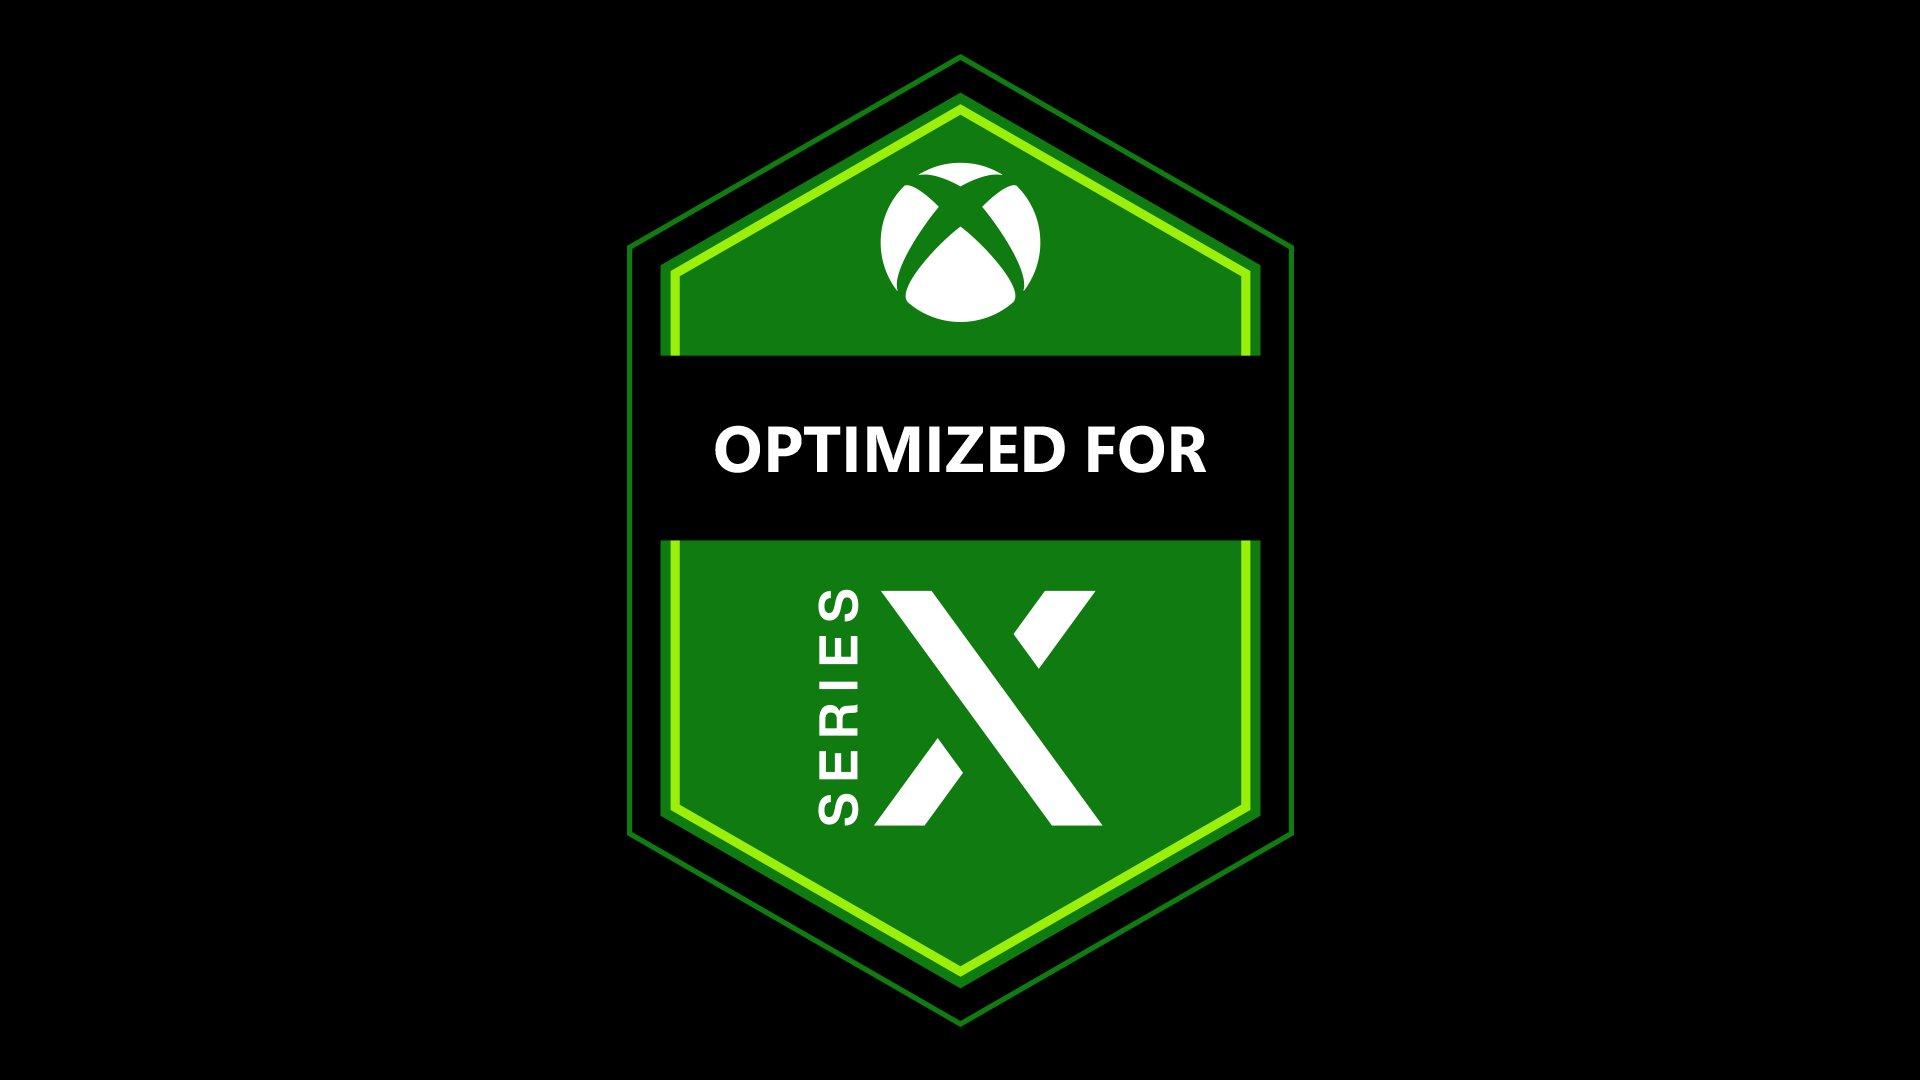 Microsoft представила логотип, который получат игры, оптимизированные под Xbox Series X